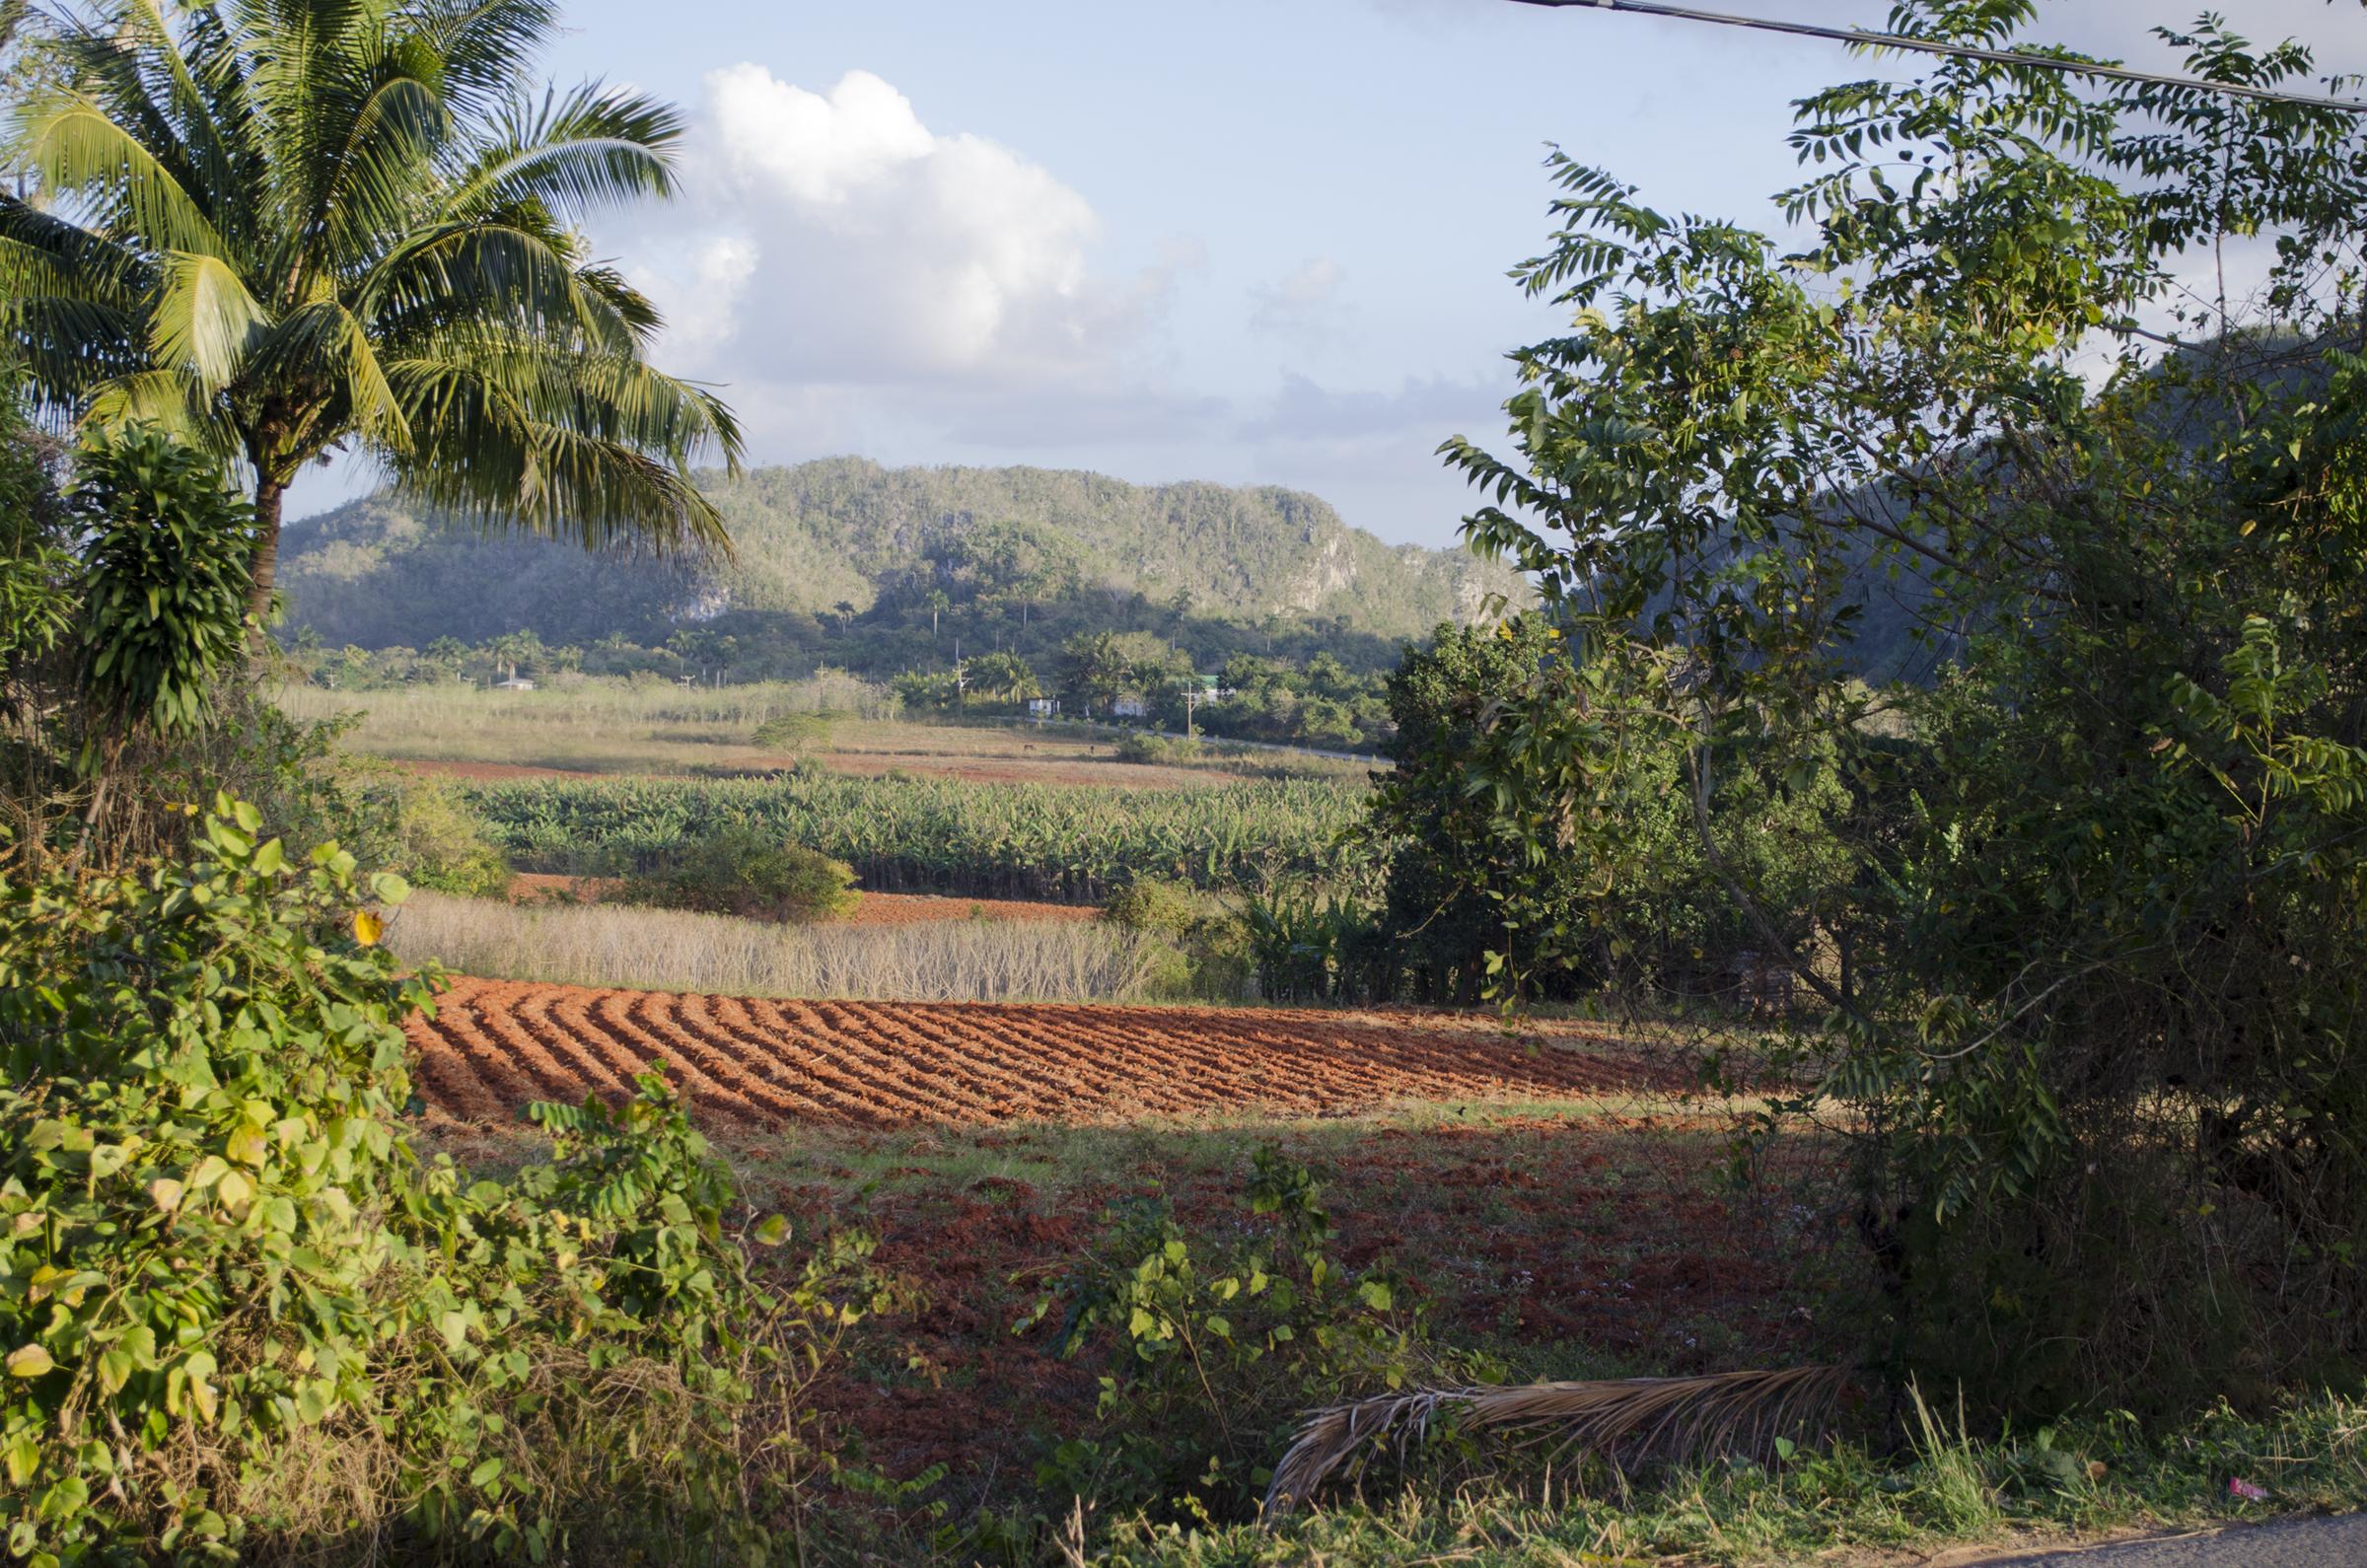 Cuba_0891.jpg